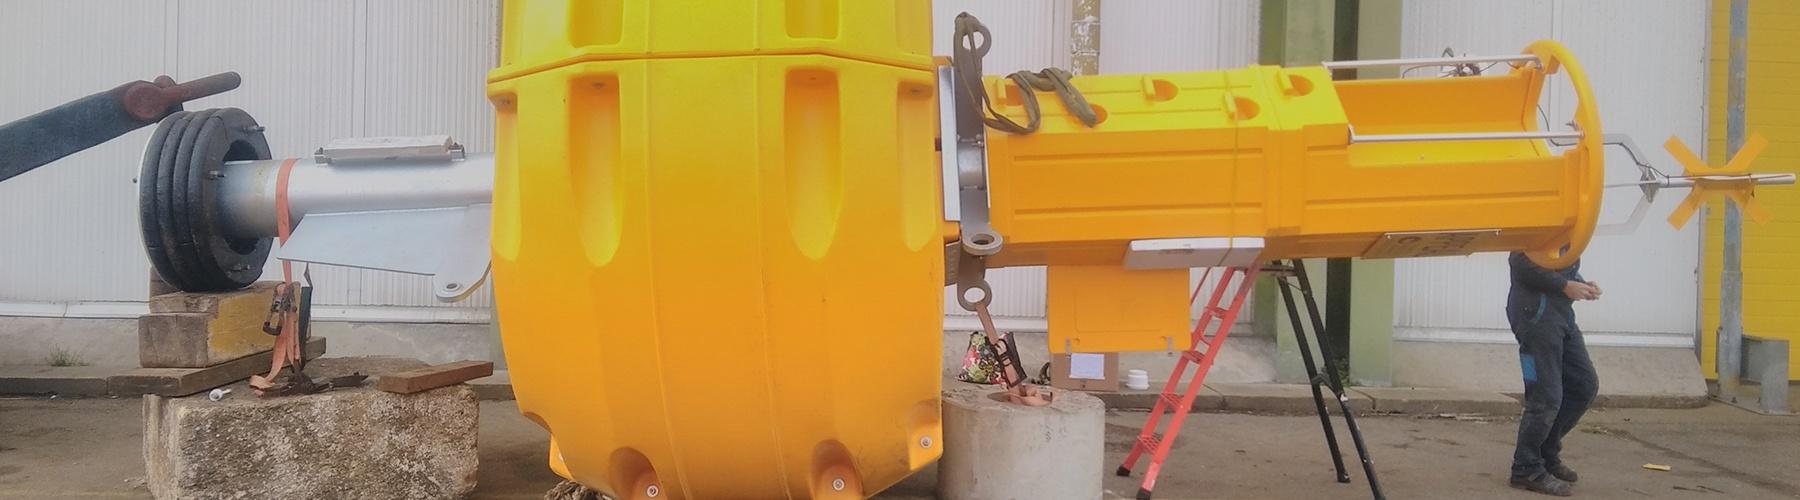 Groix & Belle-Île buoy assembly